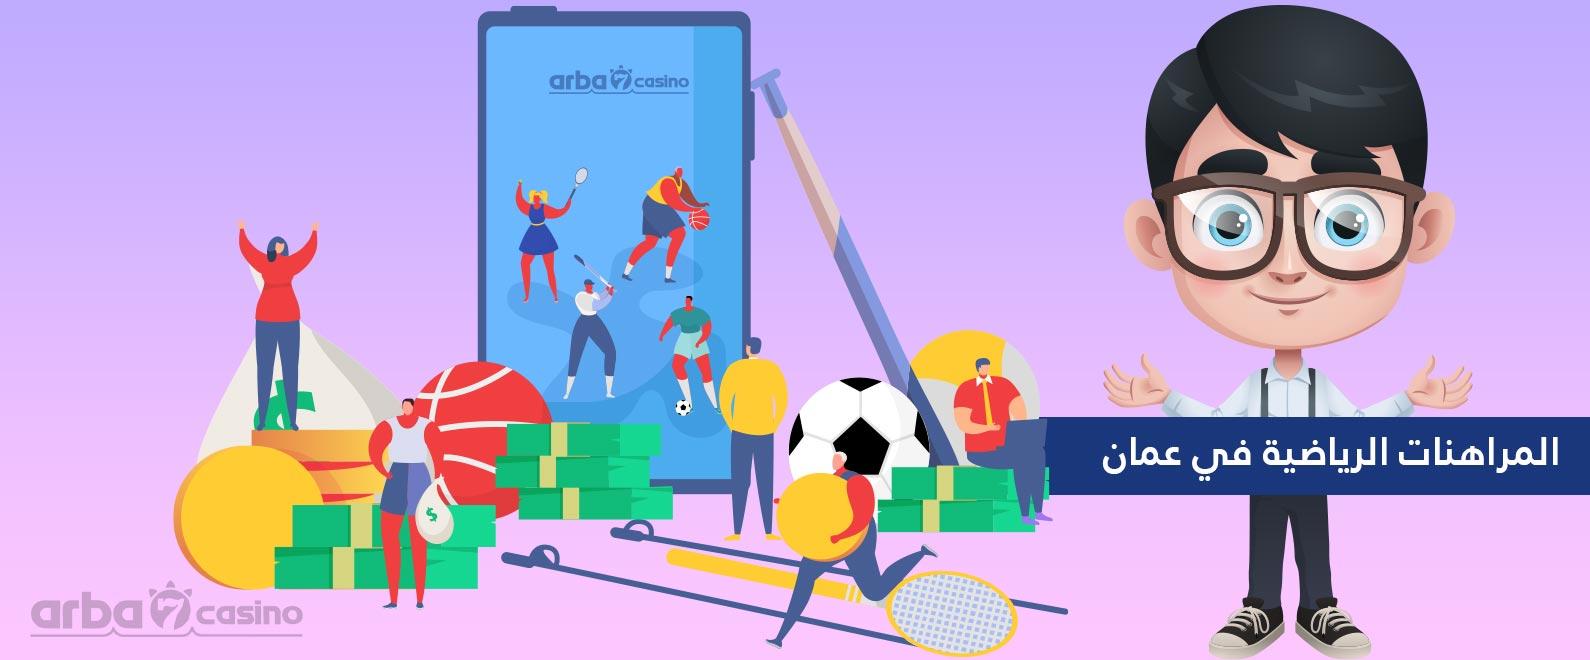 المراهنة الرياضية في كازينو عمان اون لاين